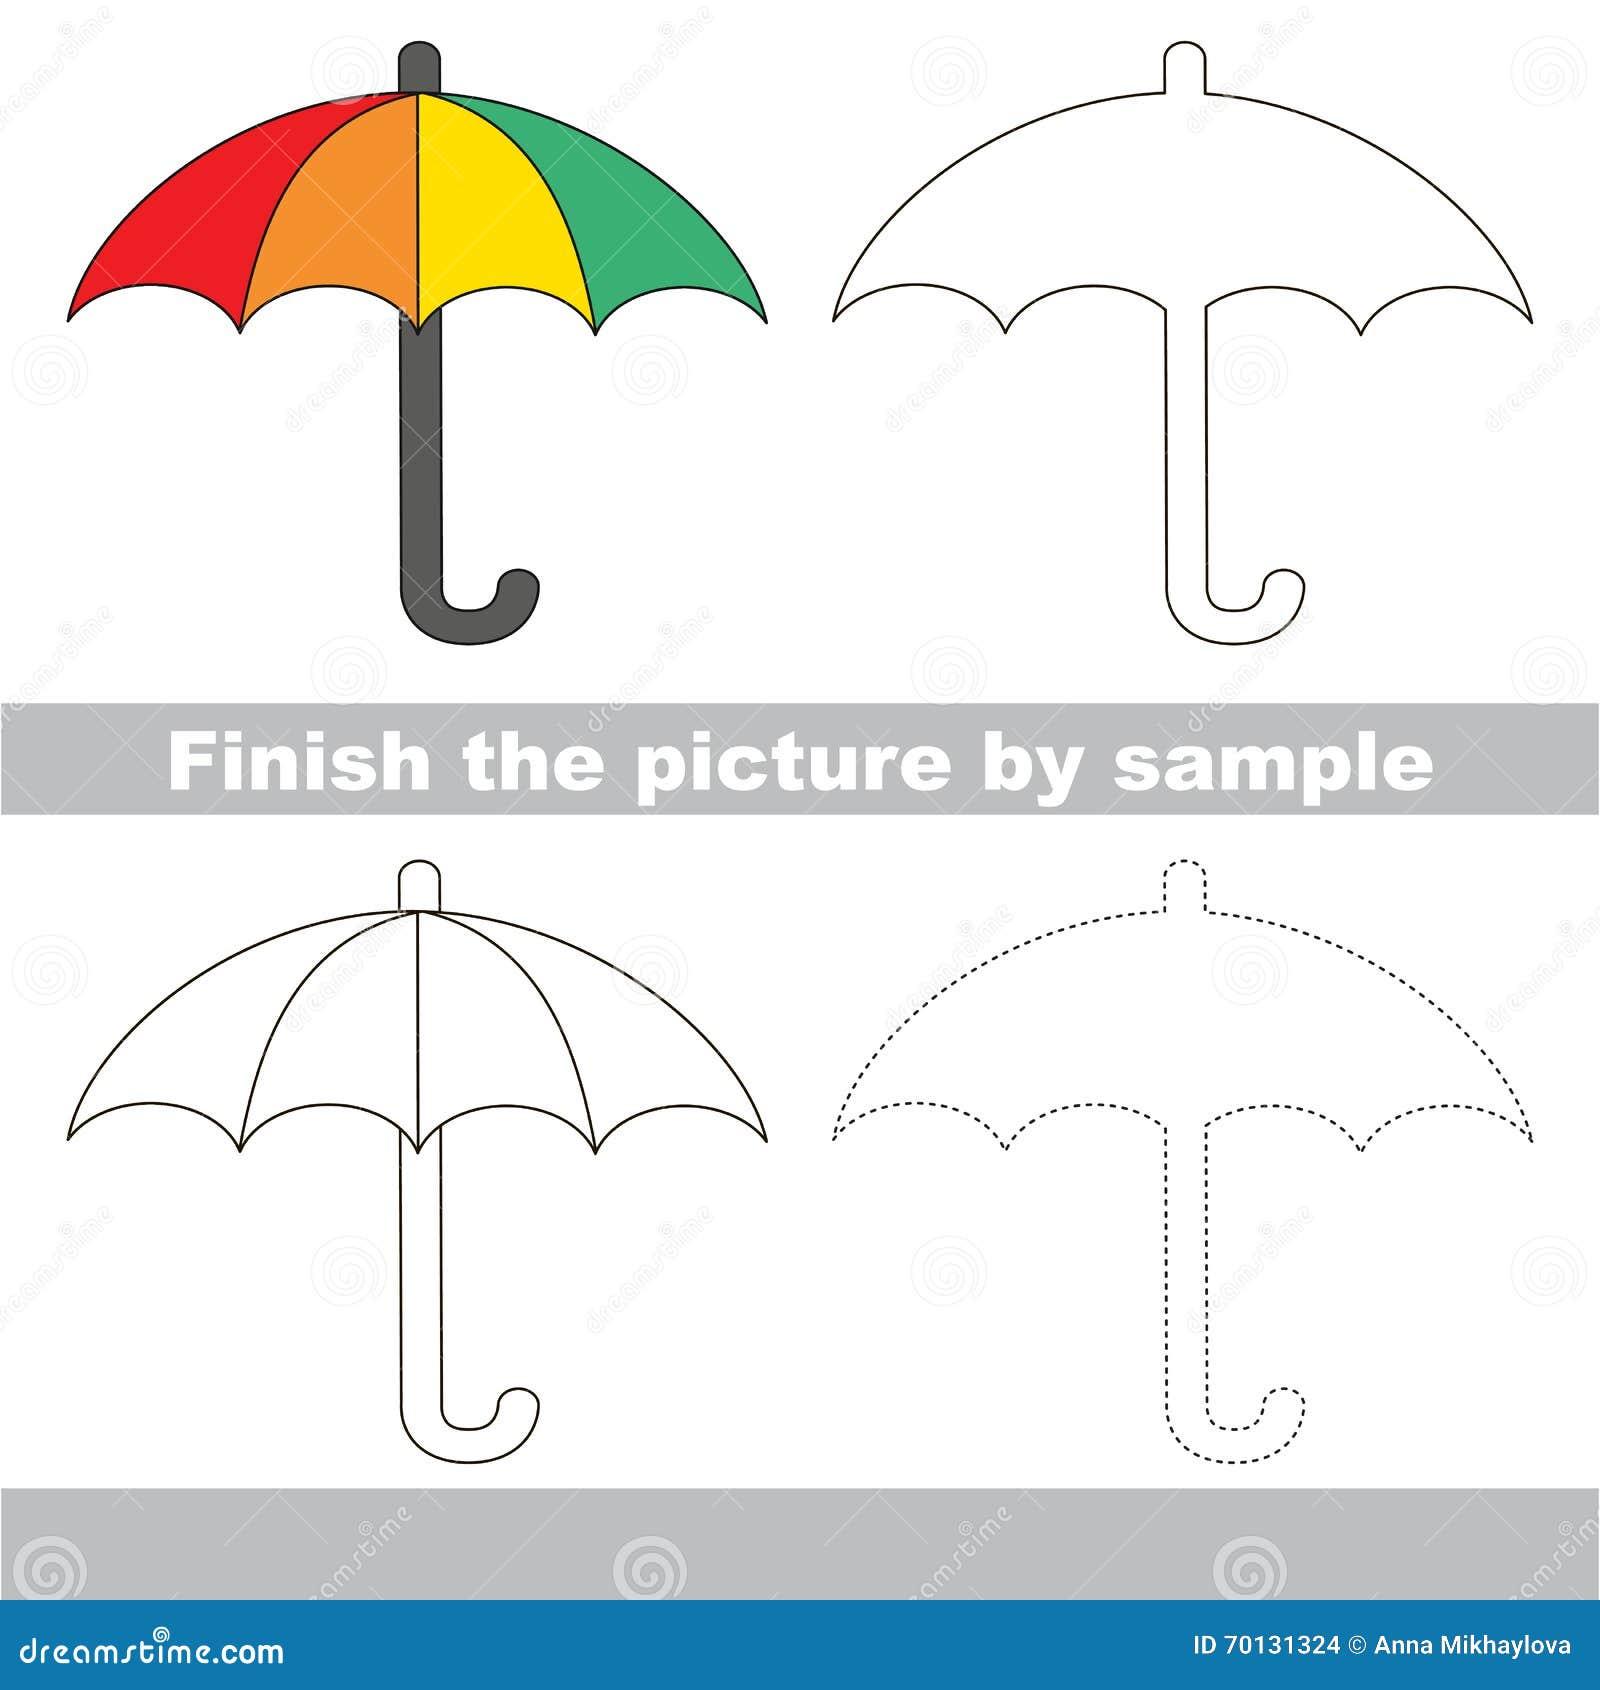 Fiche de travail de dessin pour des enfants finissez la photo et dessinez le parapluie mignon